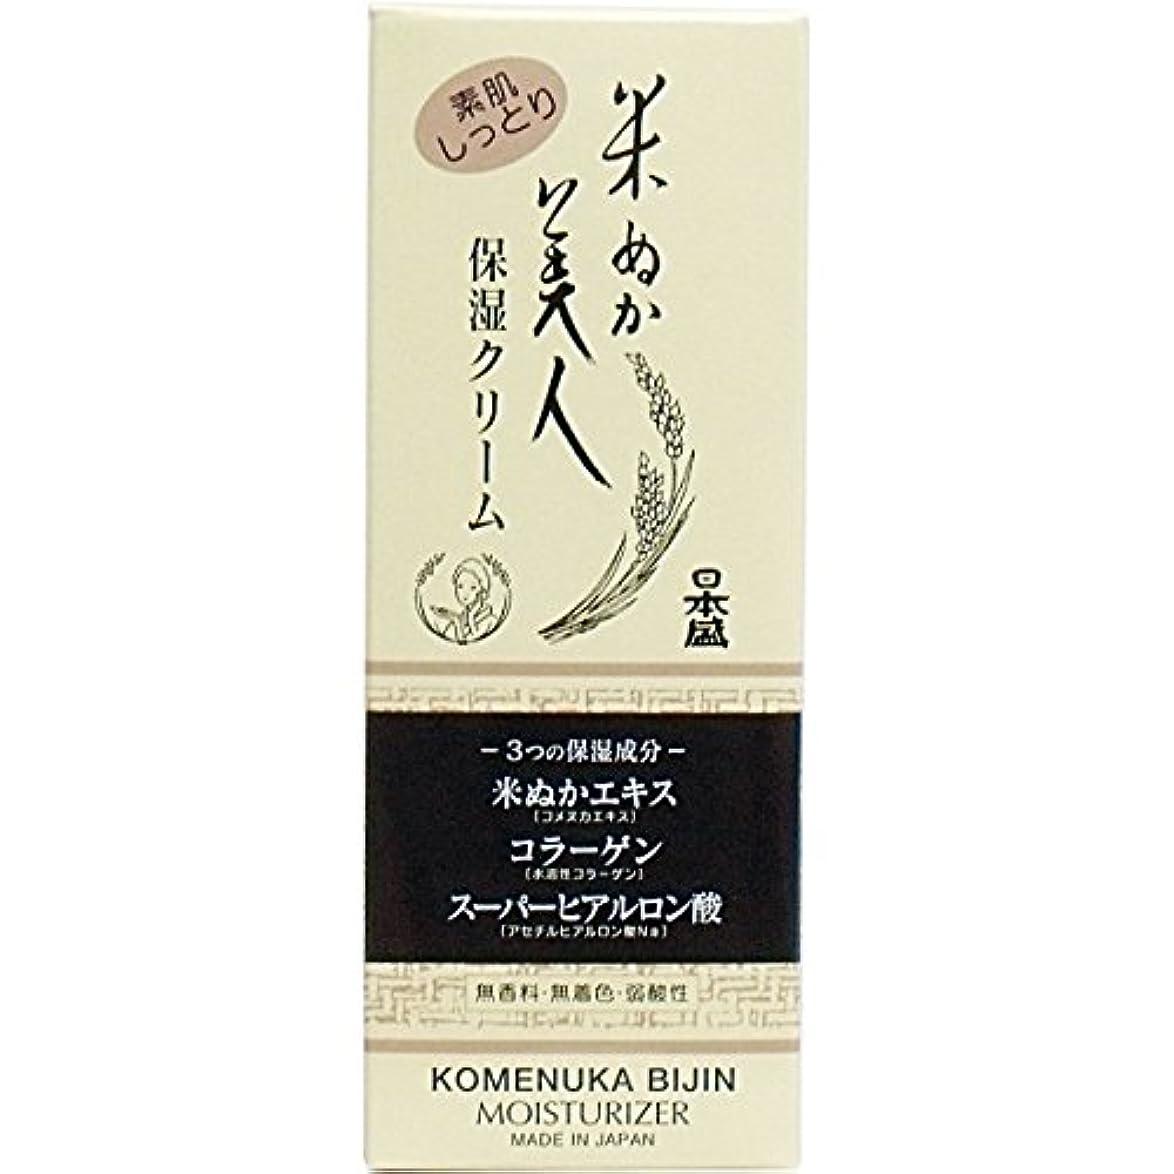 証明怒る断言する【日本盛】米ぬか美人 保湿クリーム 35g